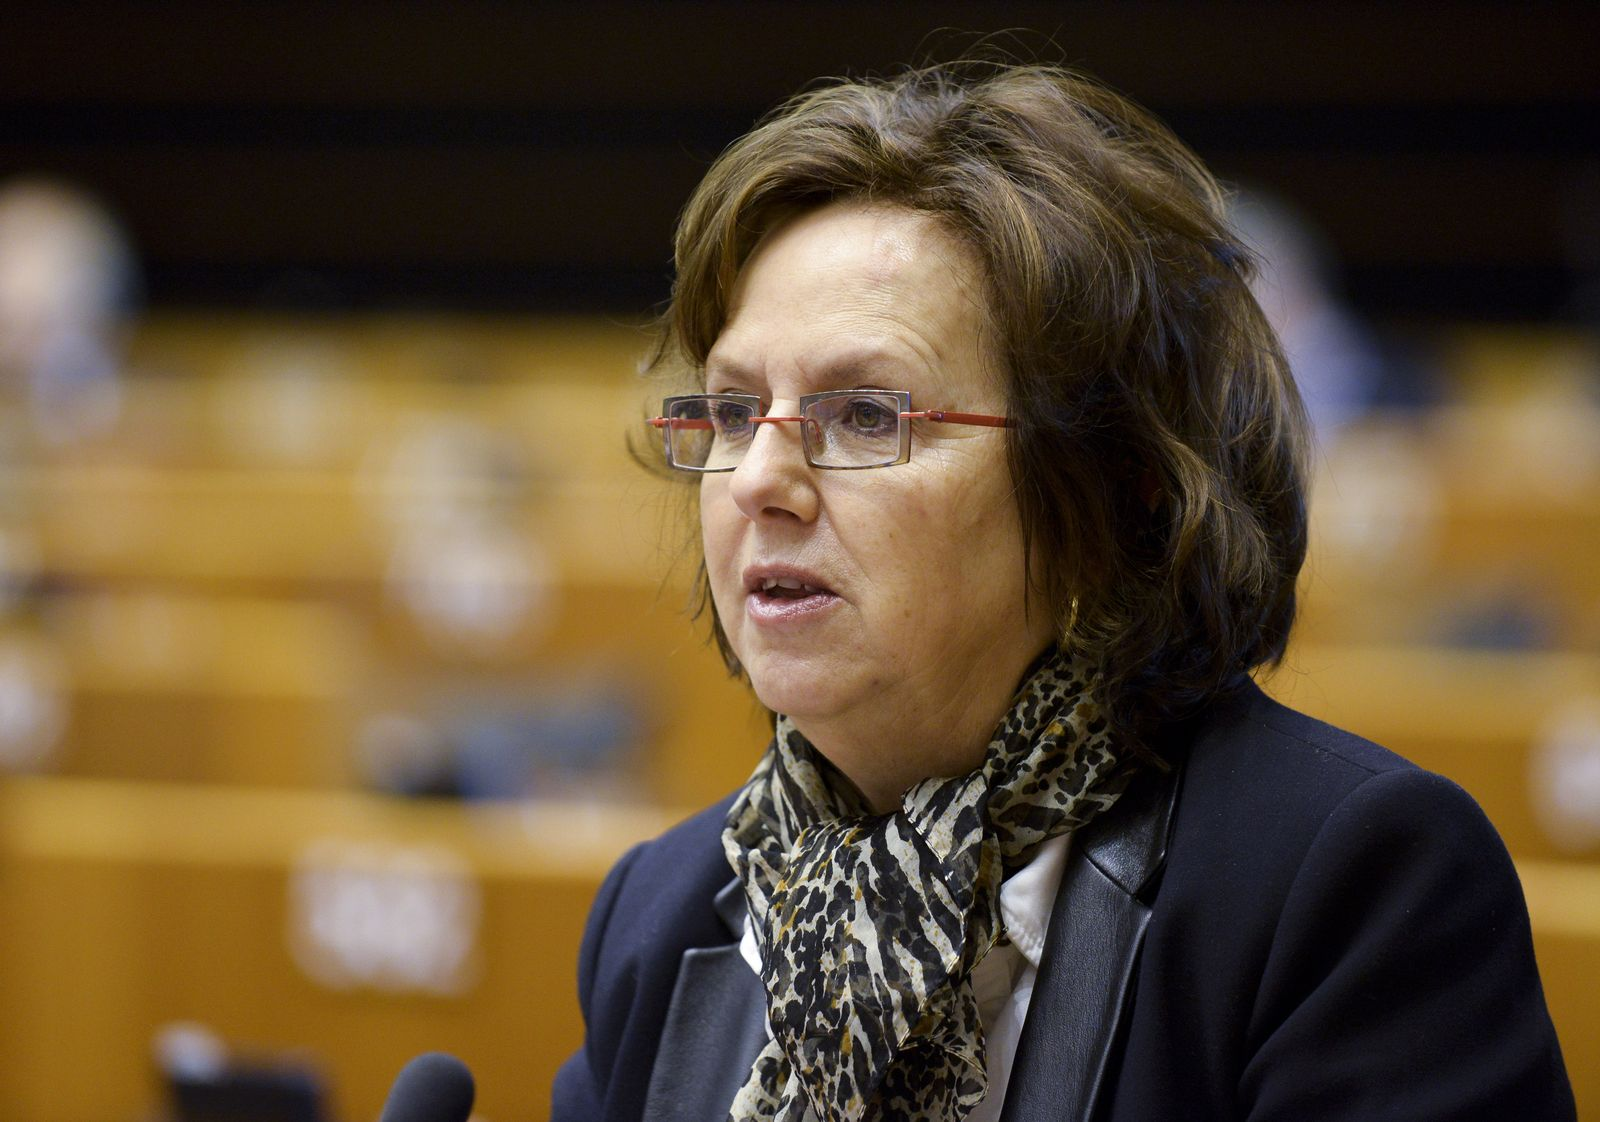 Dominique Bilde